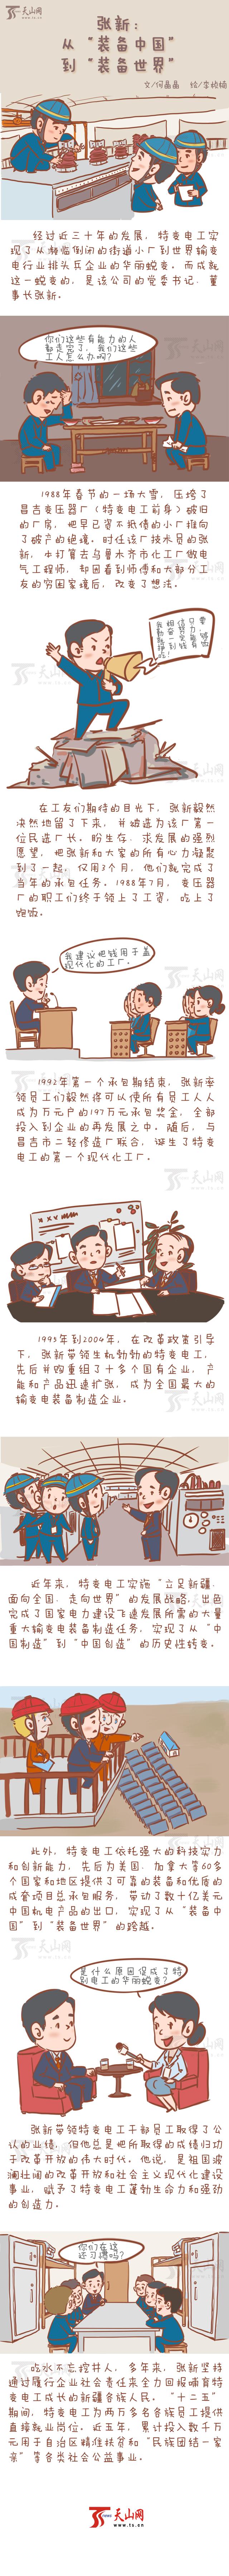 """皇家彩票网官方网站:张新:从""""装备中国""""到""""装备世界"""""""